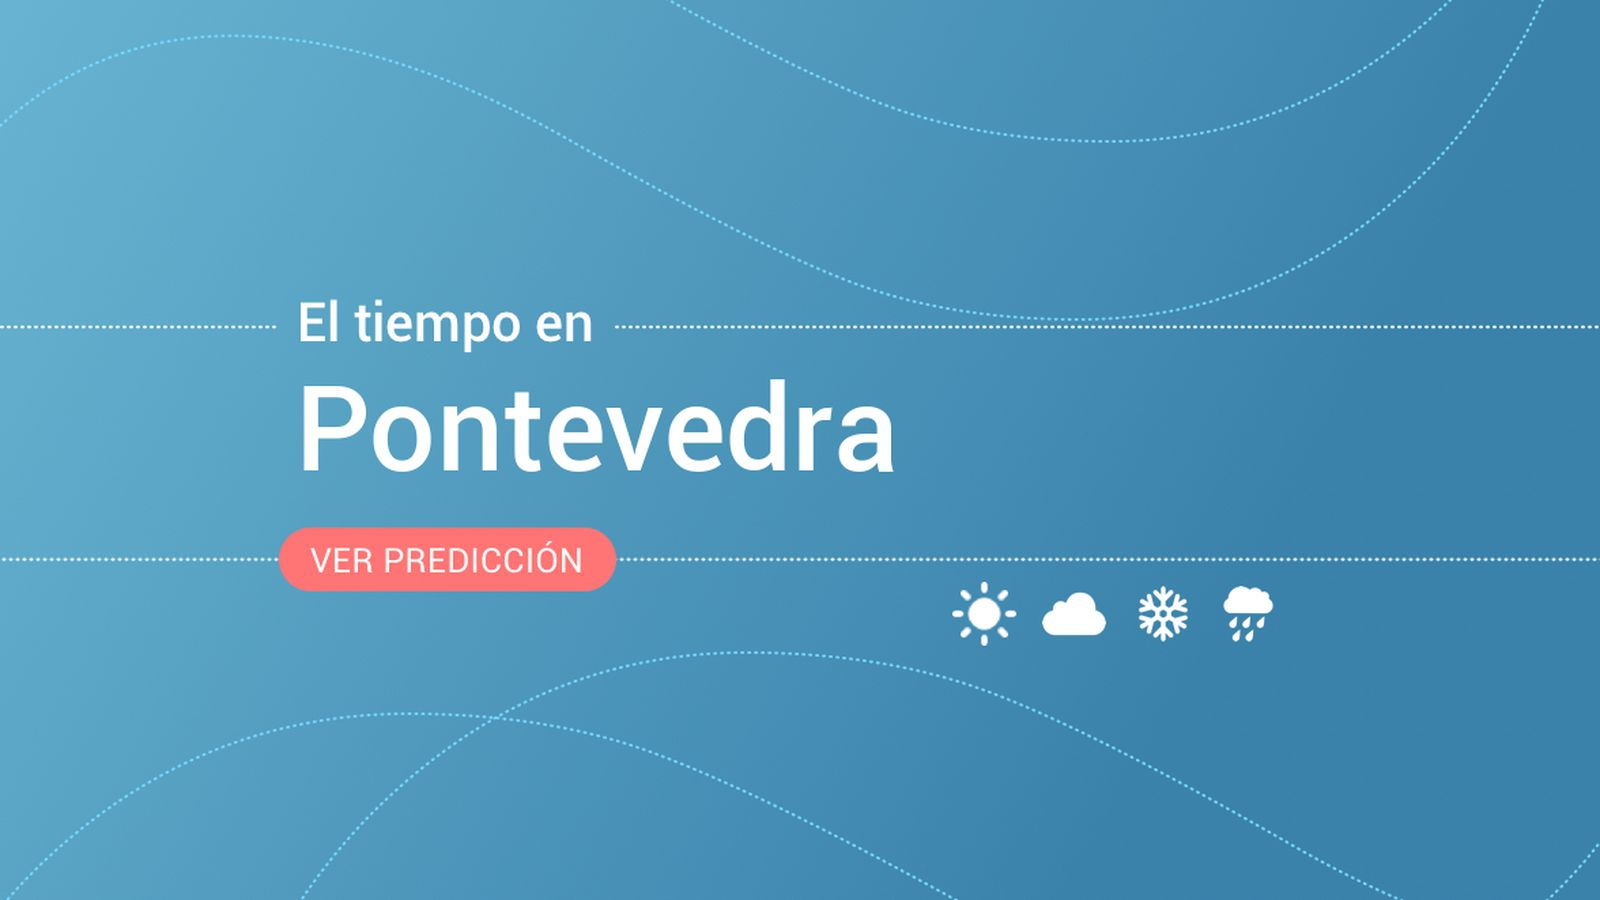 Foto: El tiempo en Pontevedra. (EC)